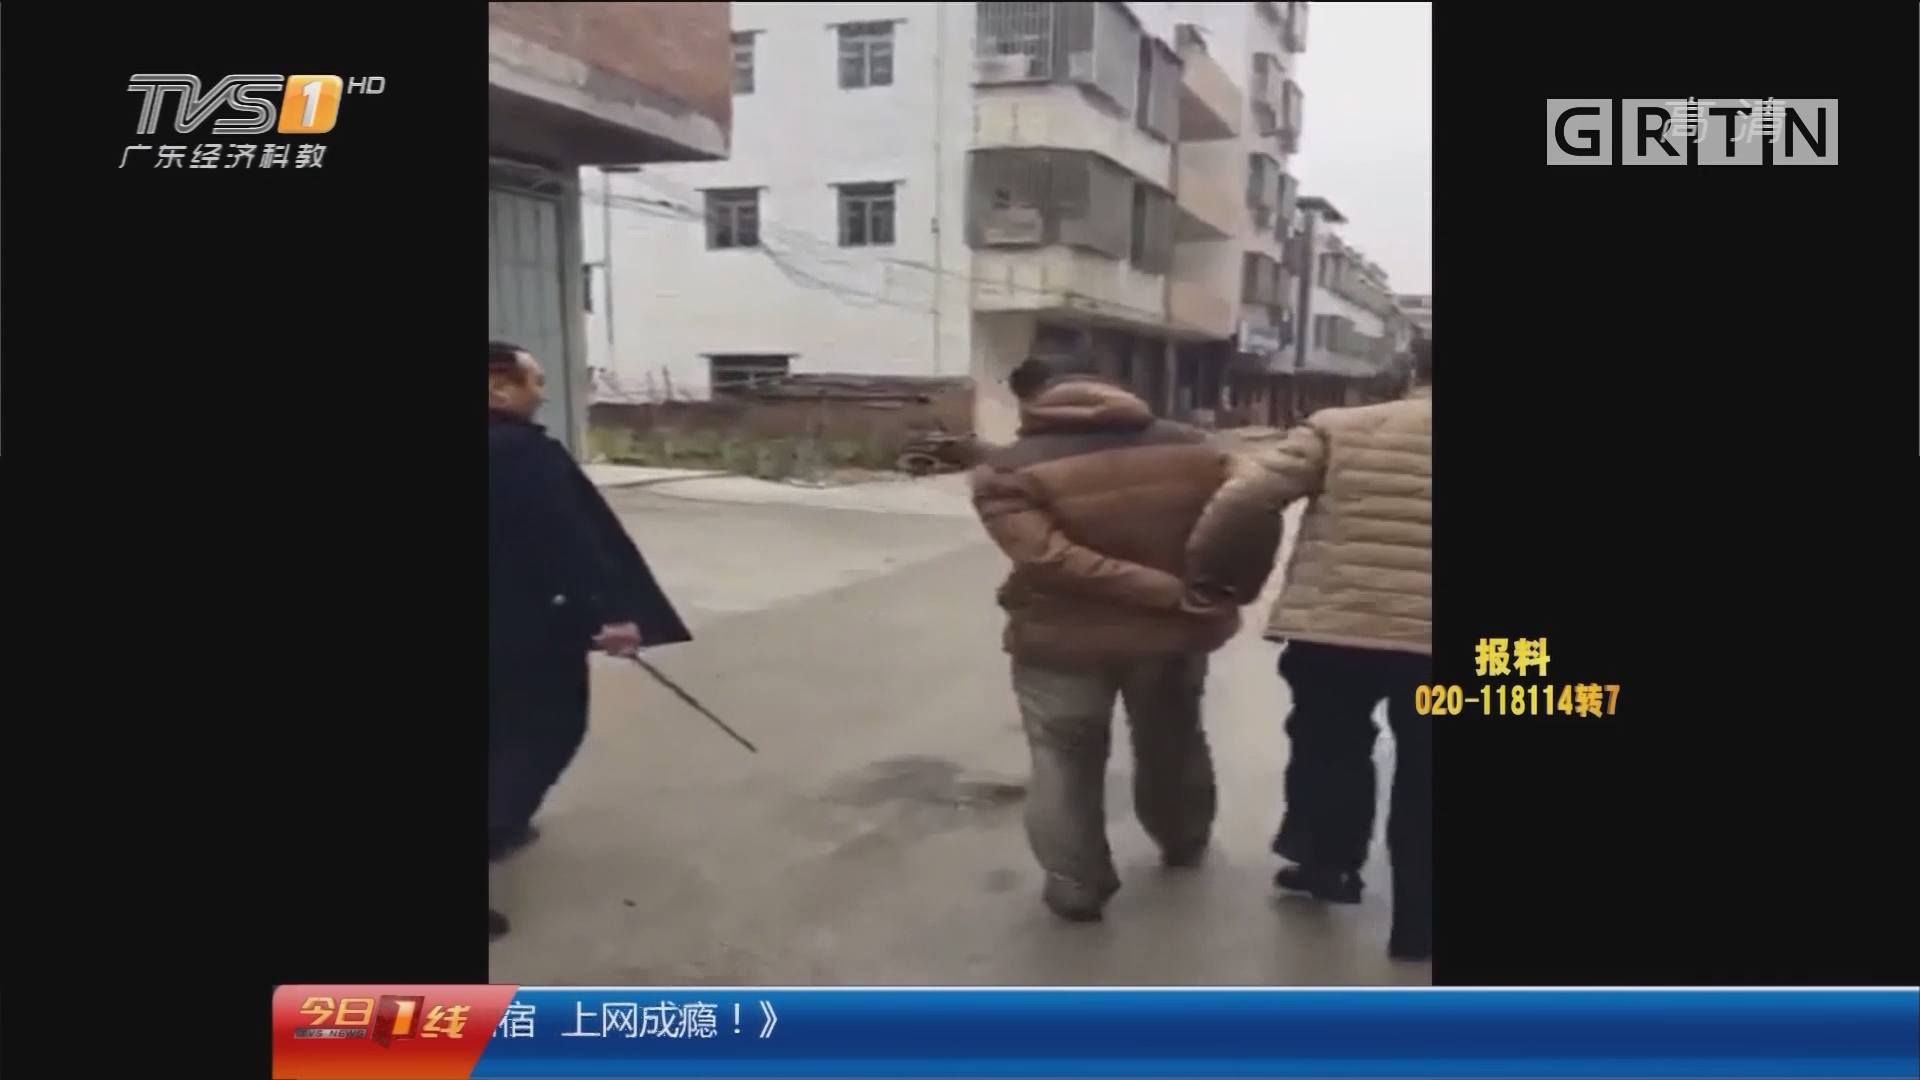 梅州五华:小车被盗 警民联手围堵抓贼